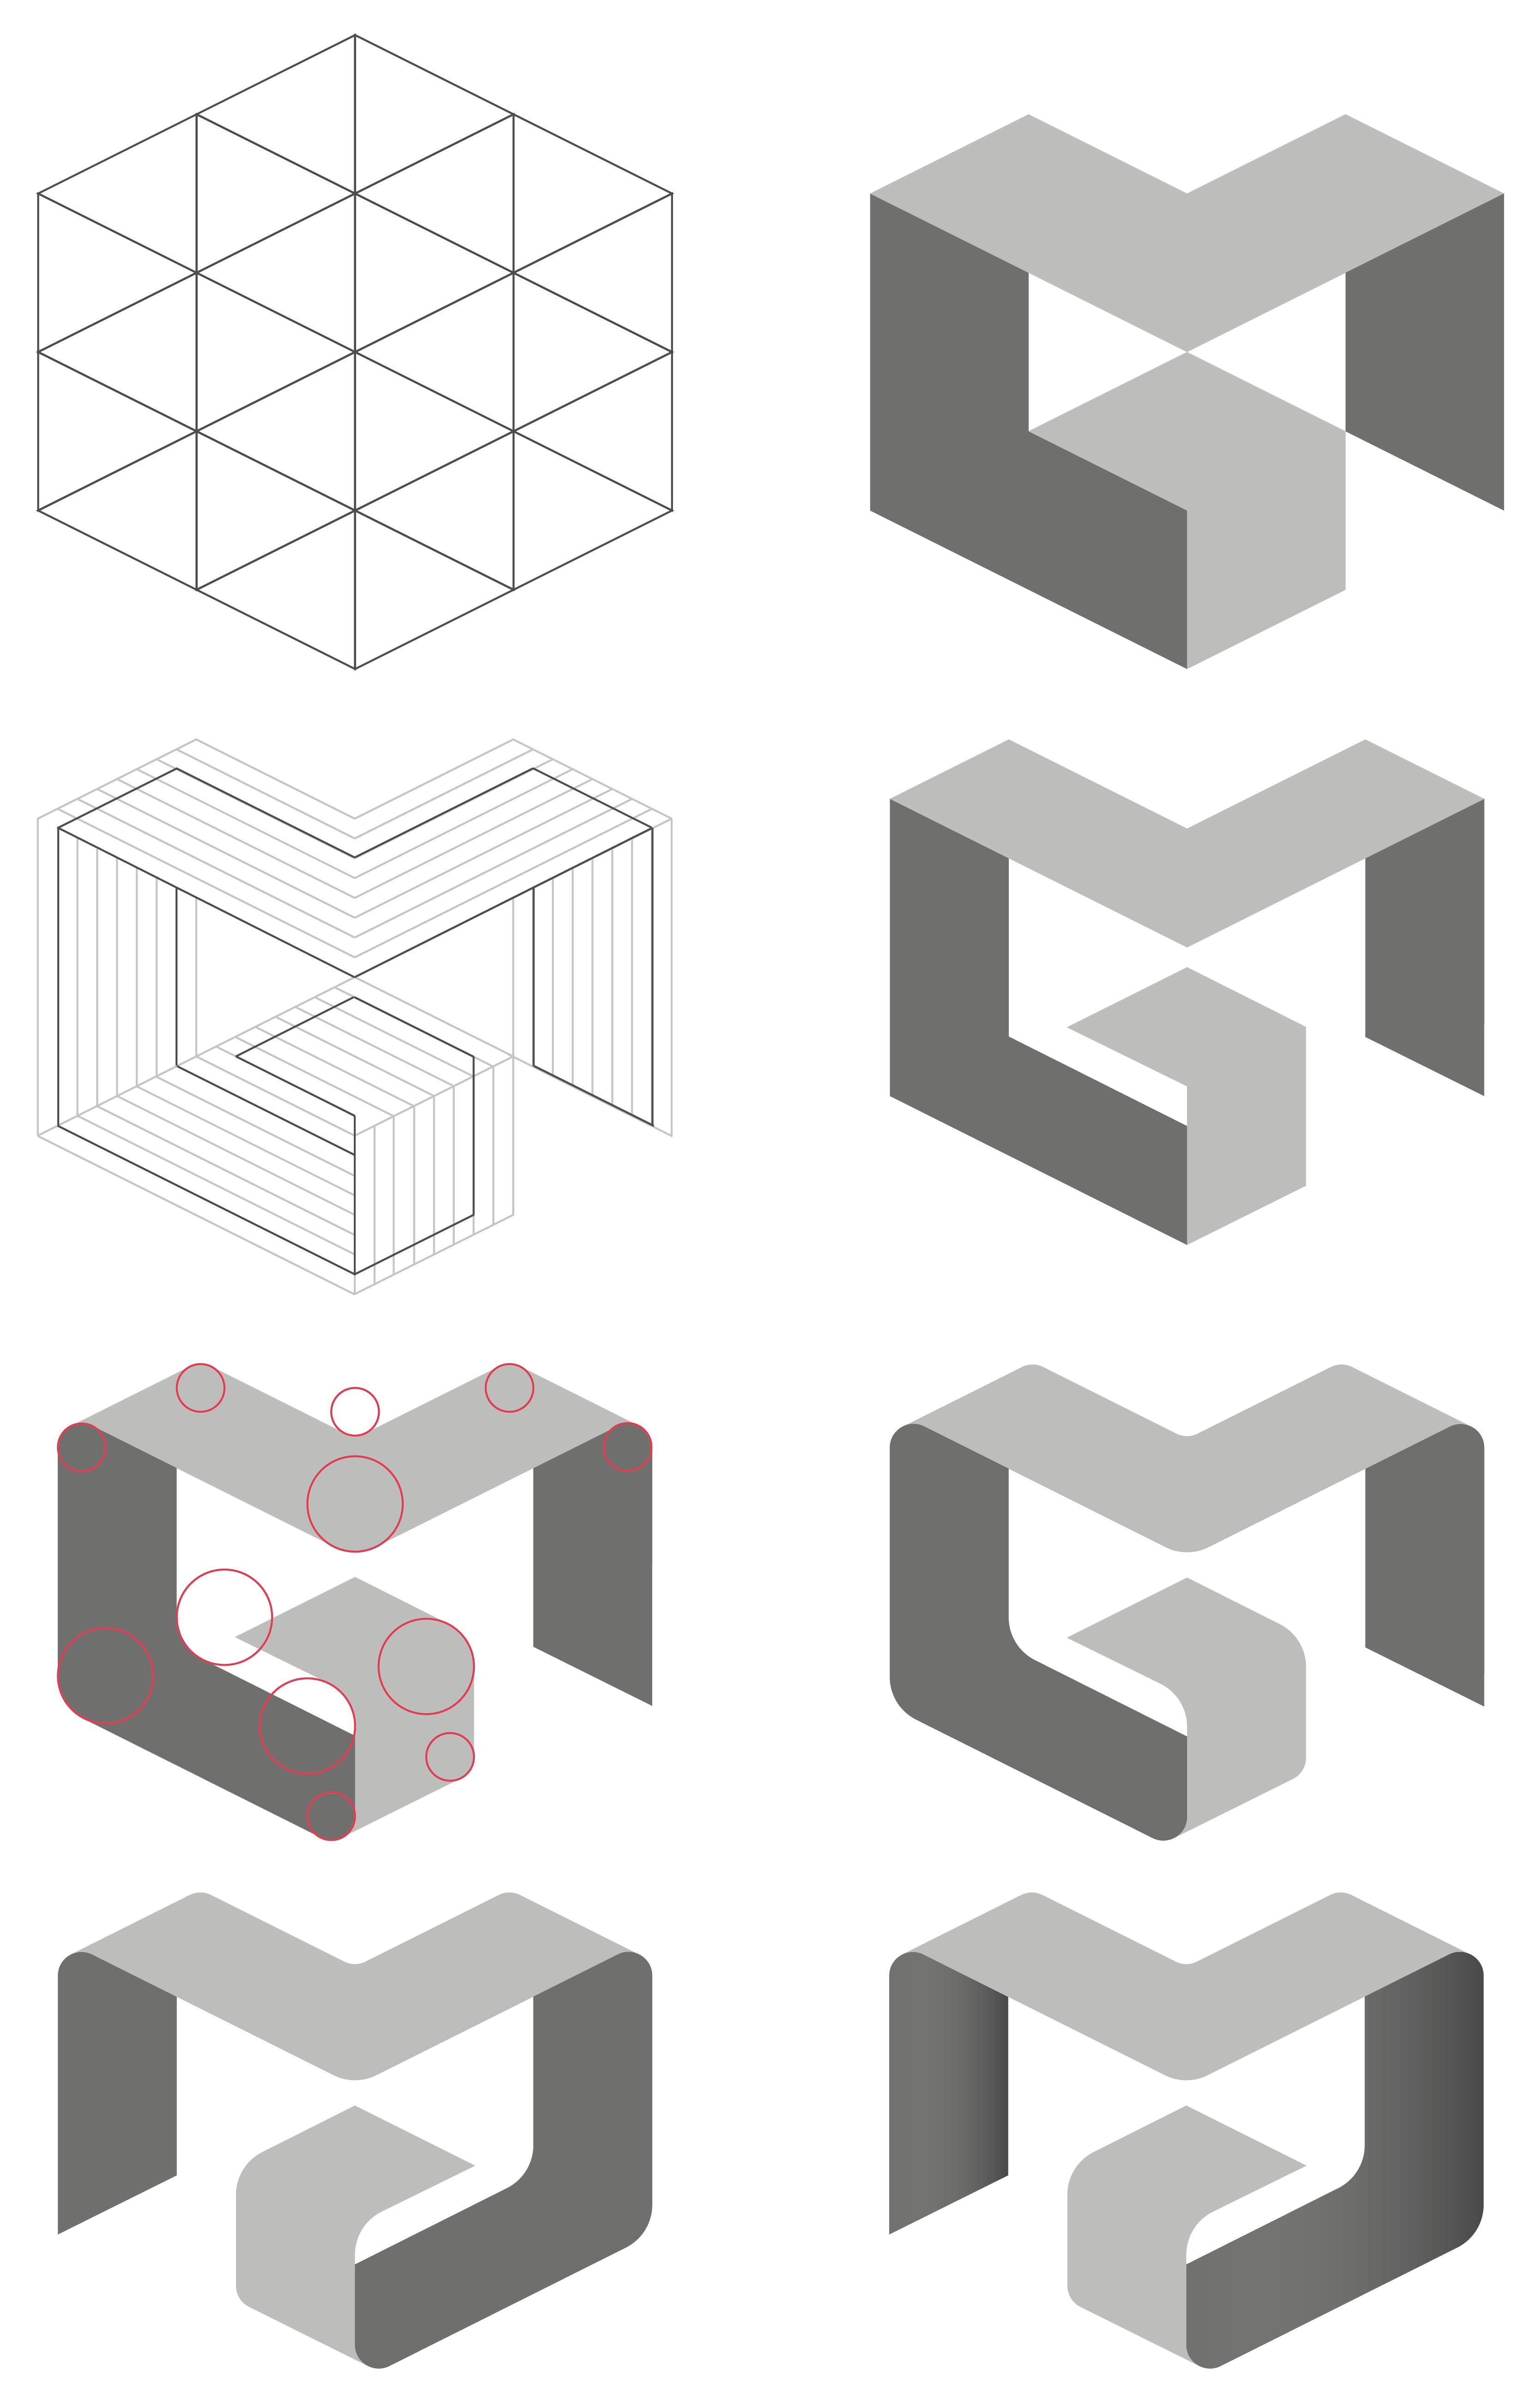 Architecture logotype Meubles Delmas